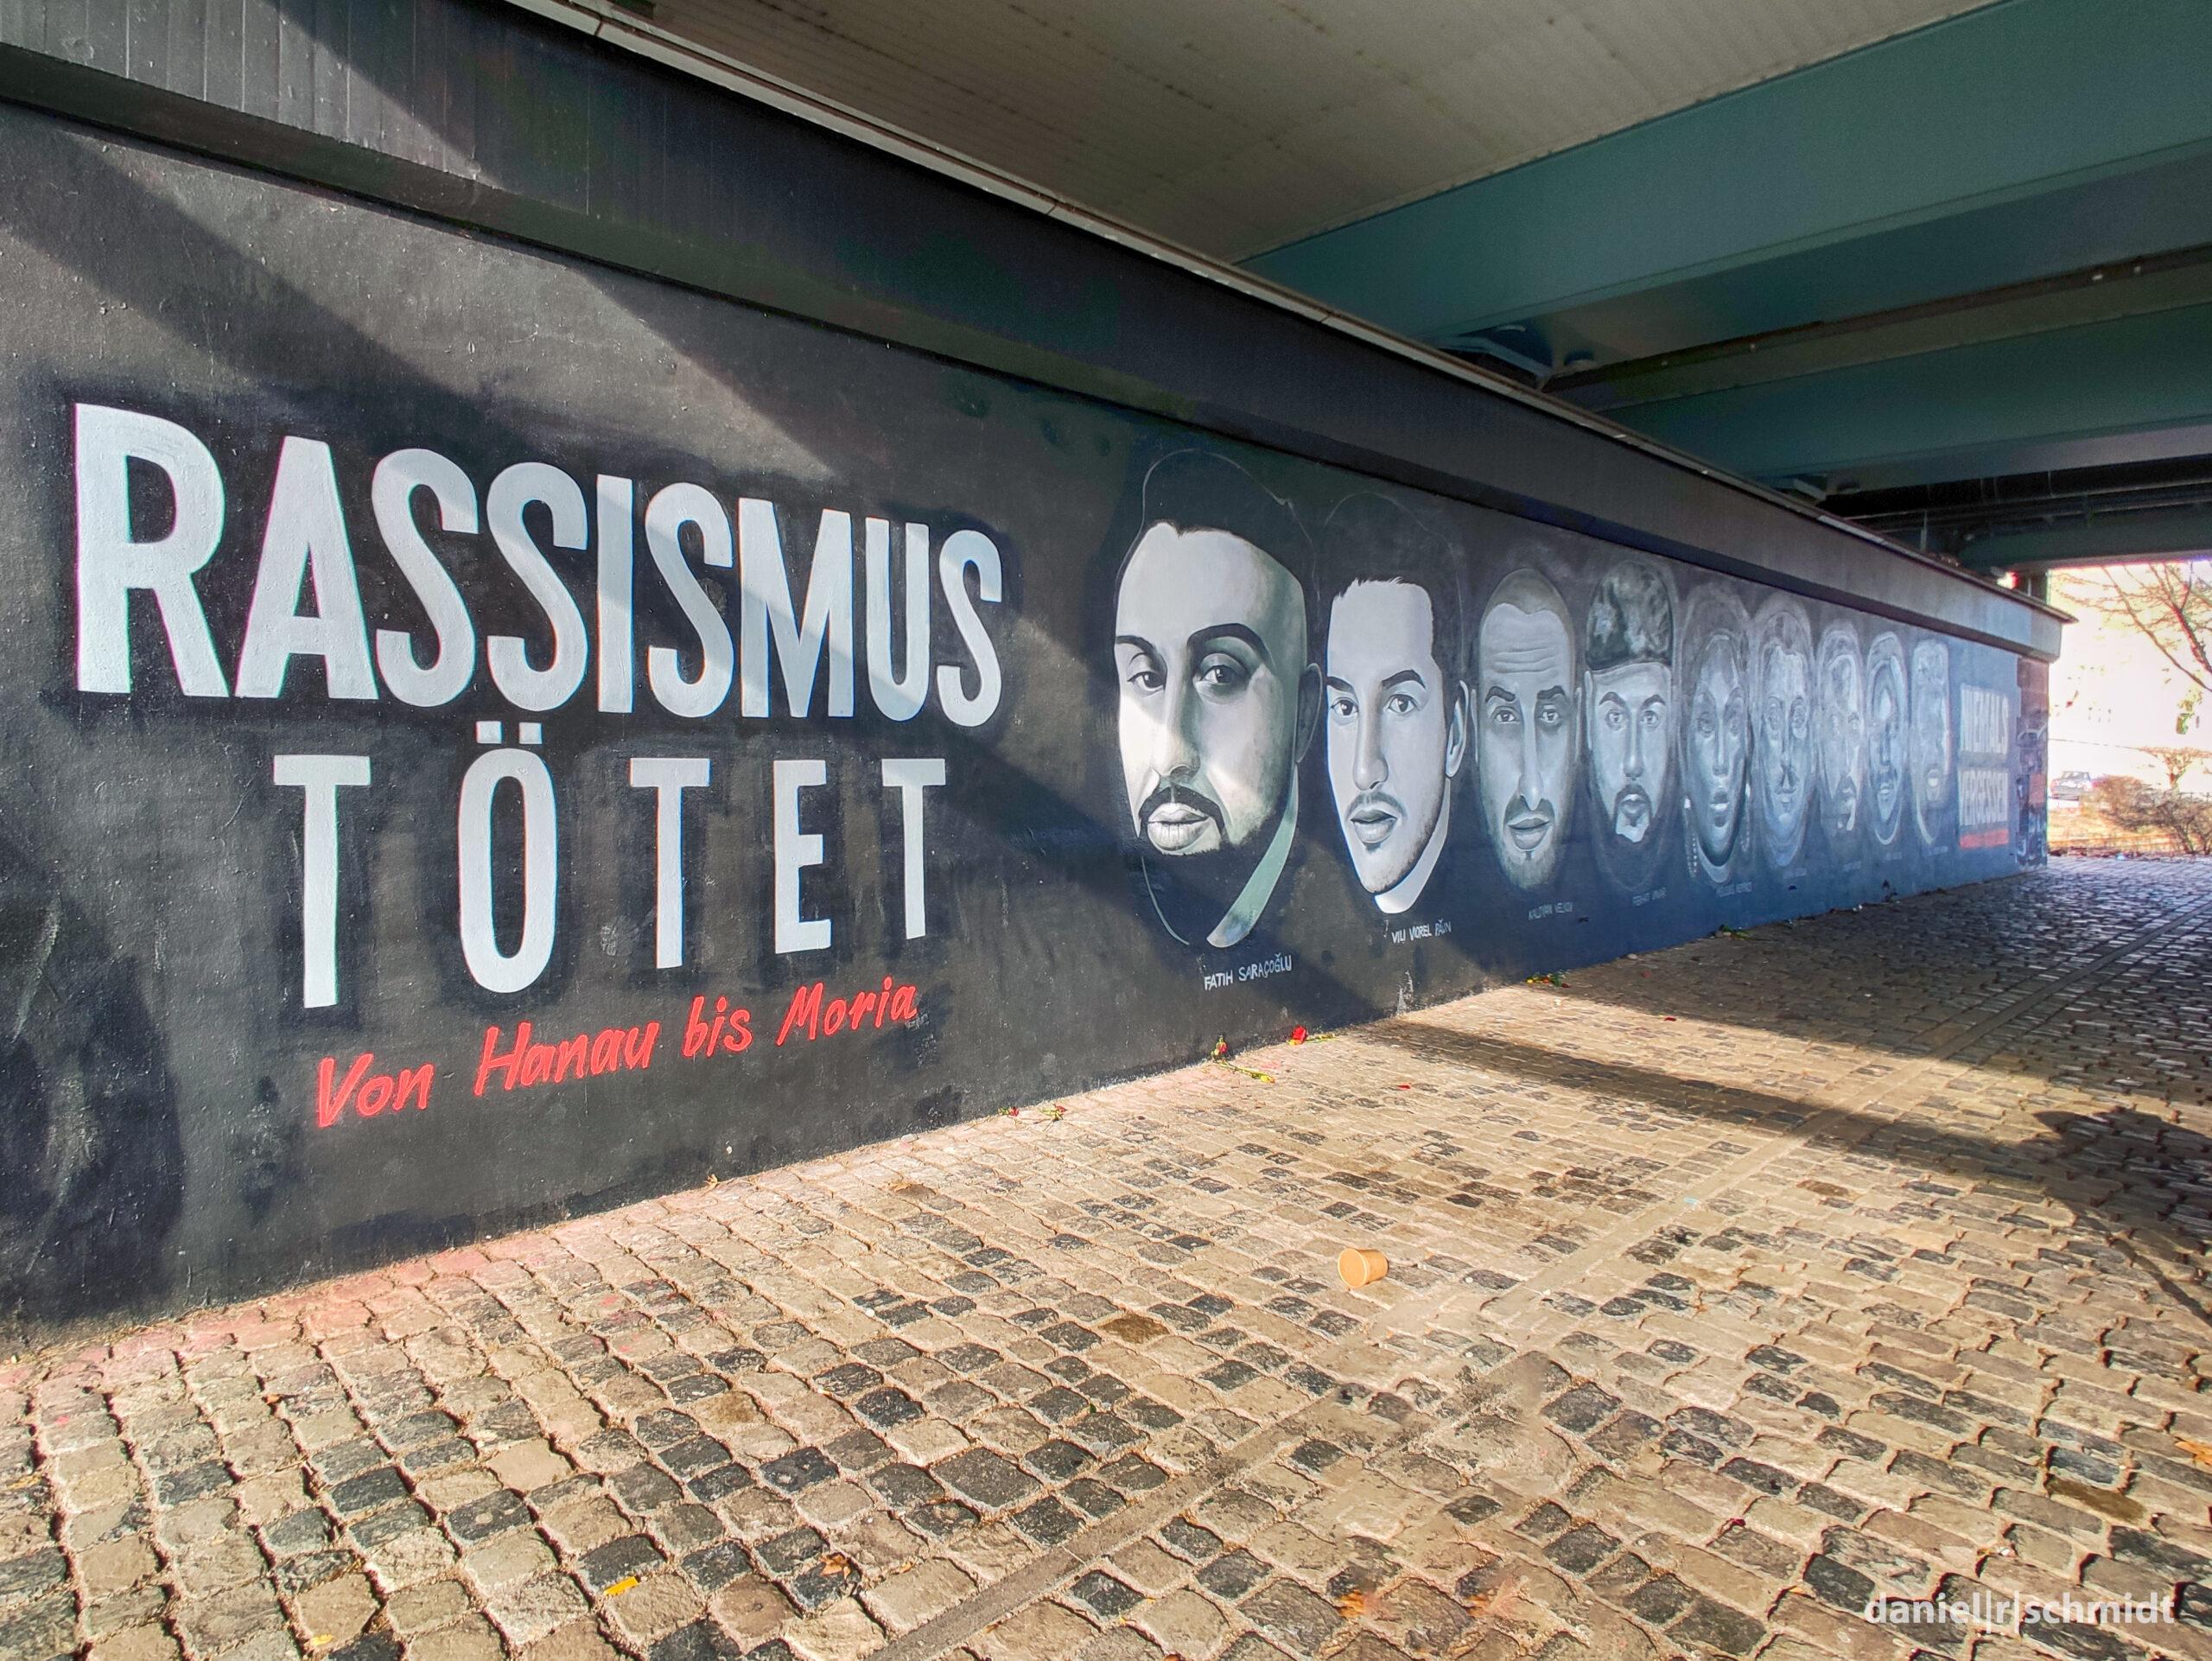 Graffito an der Friedensbrücke in Frankfurt am Main zum Gedenken der beim rassistisch motivierten Anschlag in Hanau 2020 getöteten Menschen.